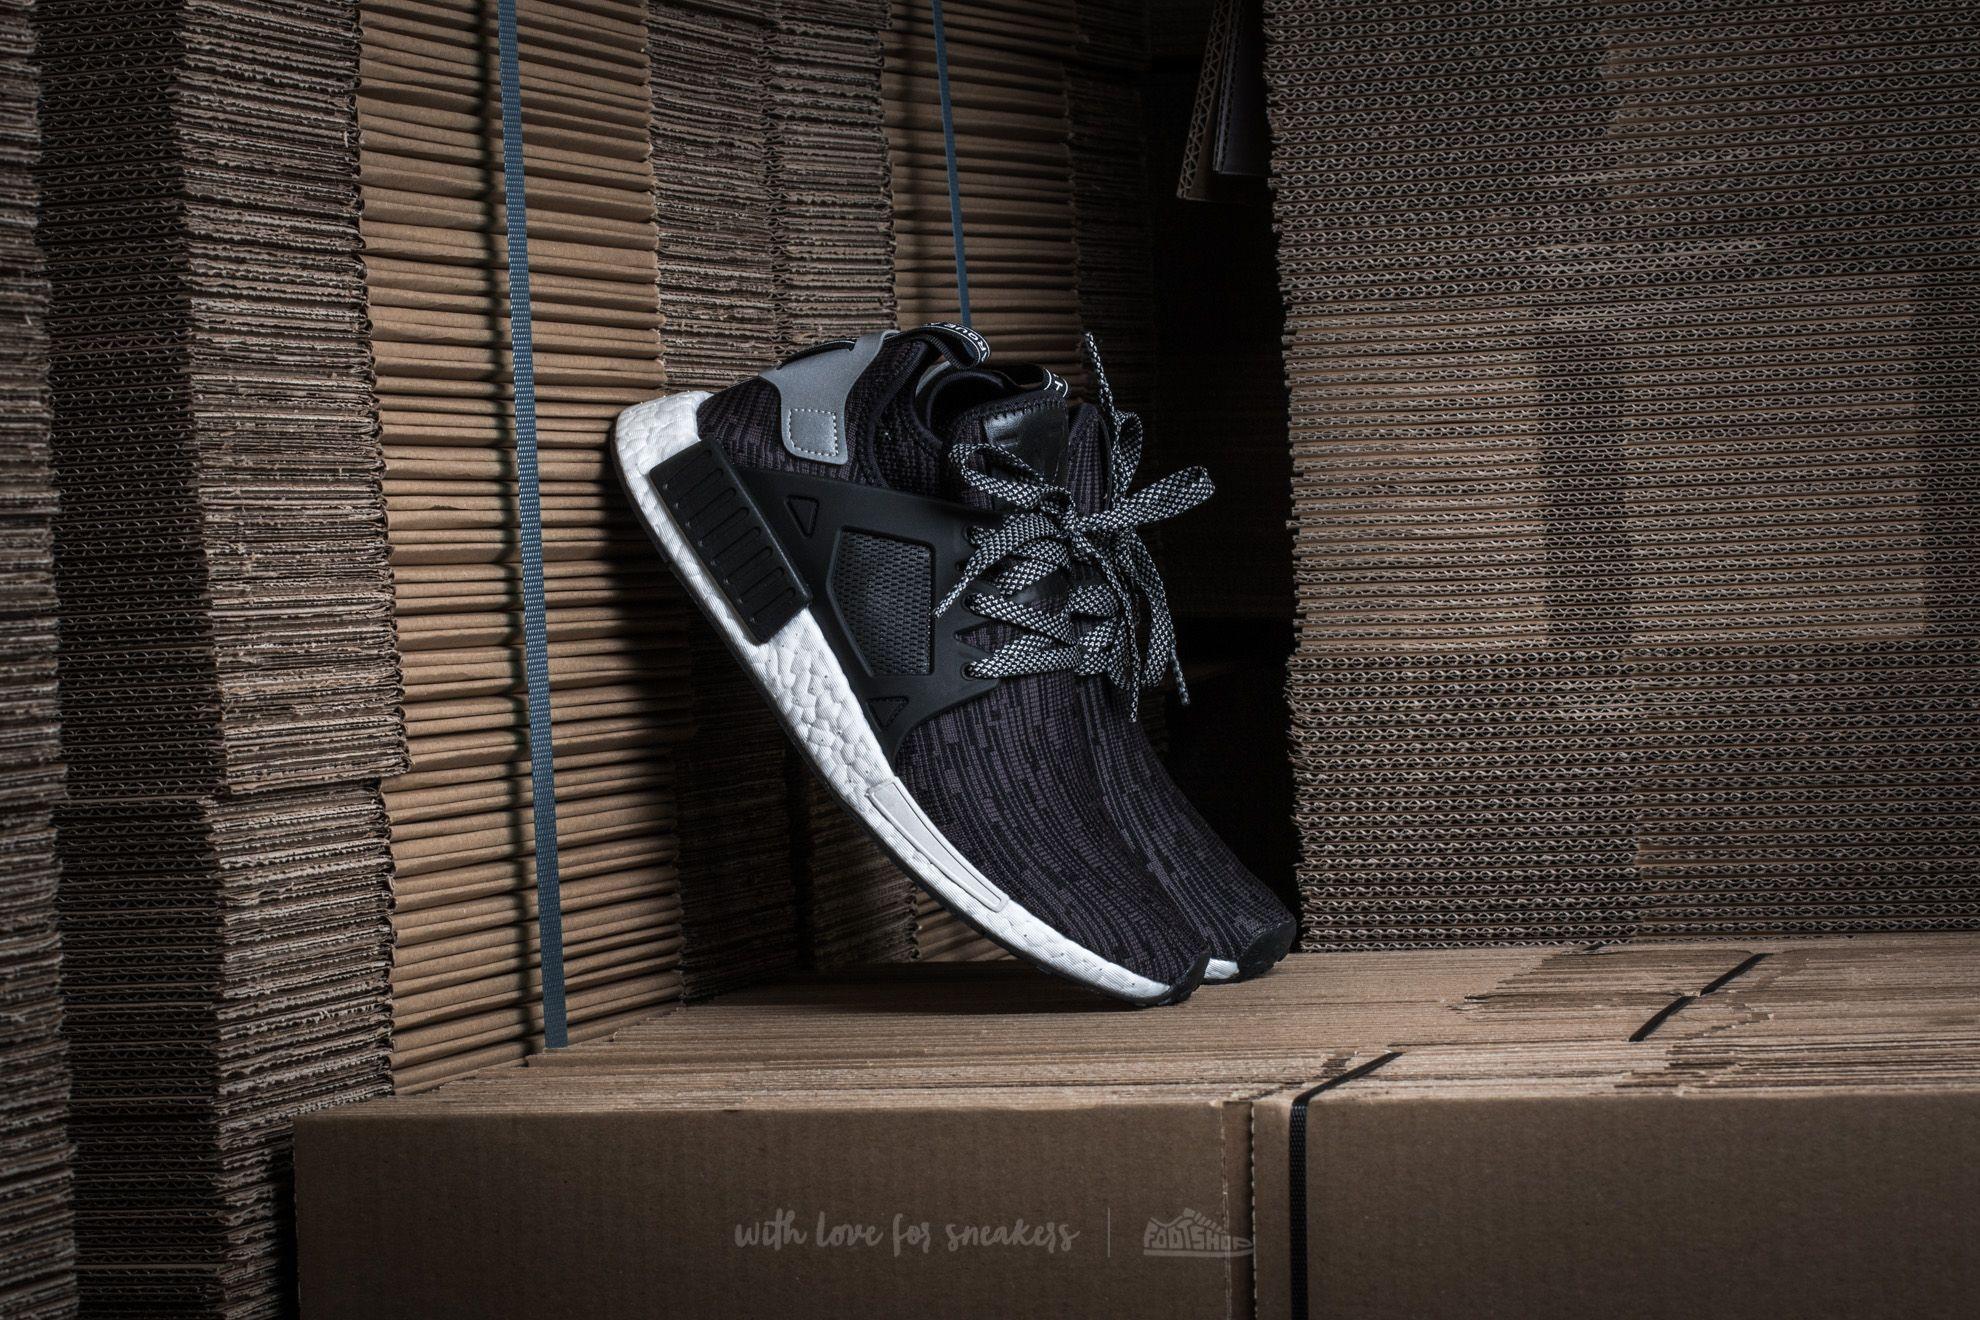 8c1175e04883 adidas NMD XR1 Primeknit Core Black  Matte Silver  Utility Black ...